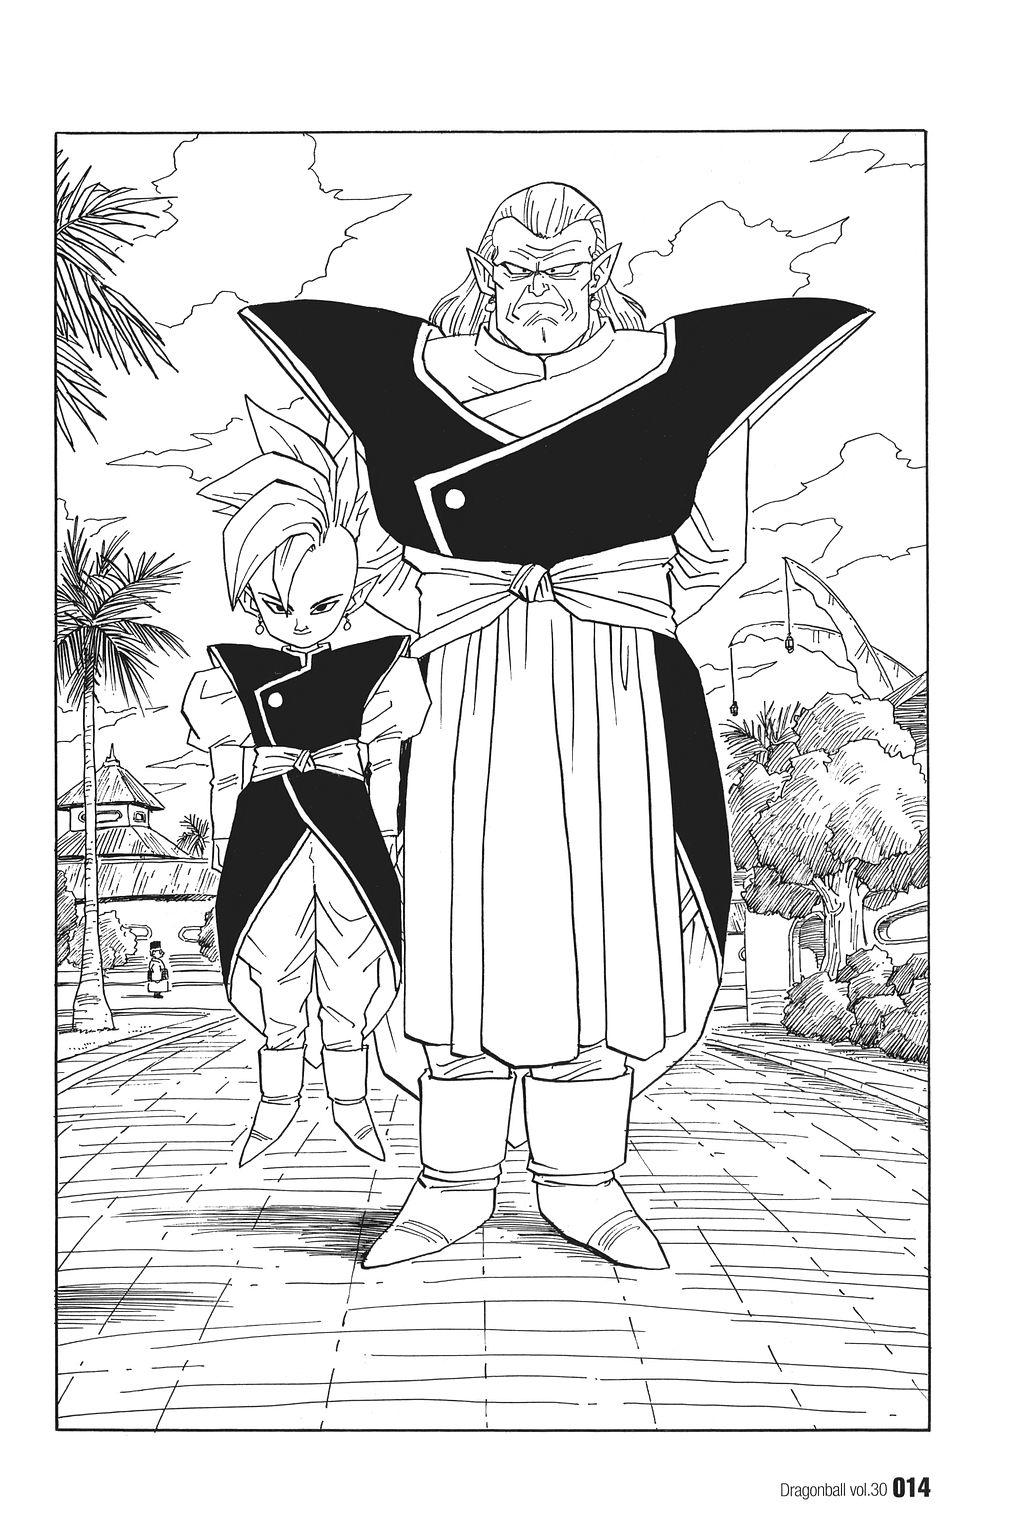 xem truyen moi - Dragon Ball Bản Vip - Bản Đẹp Nguyên Gốc Chap 437